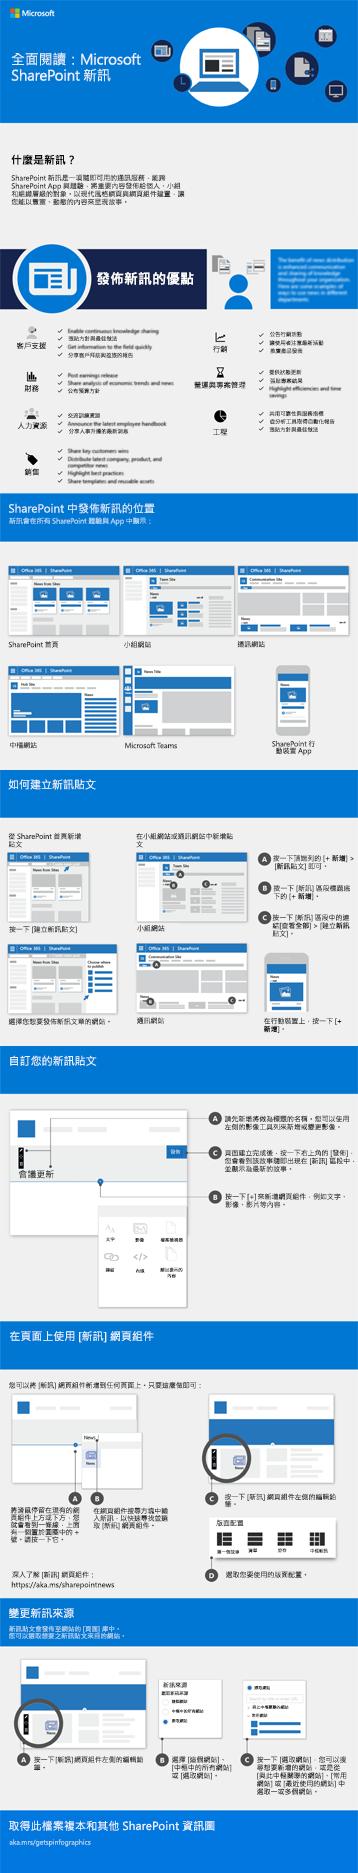 SharePoint 新訊資訊圖